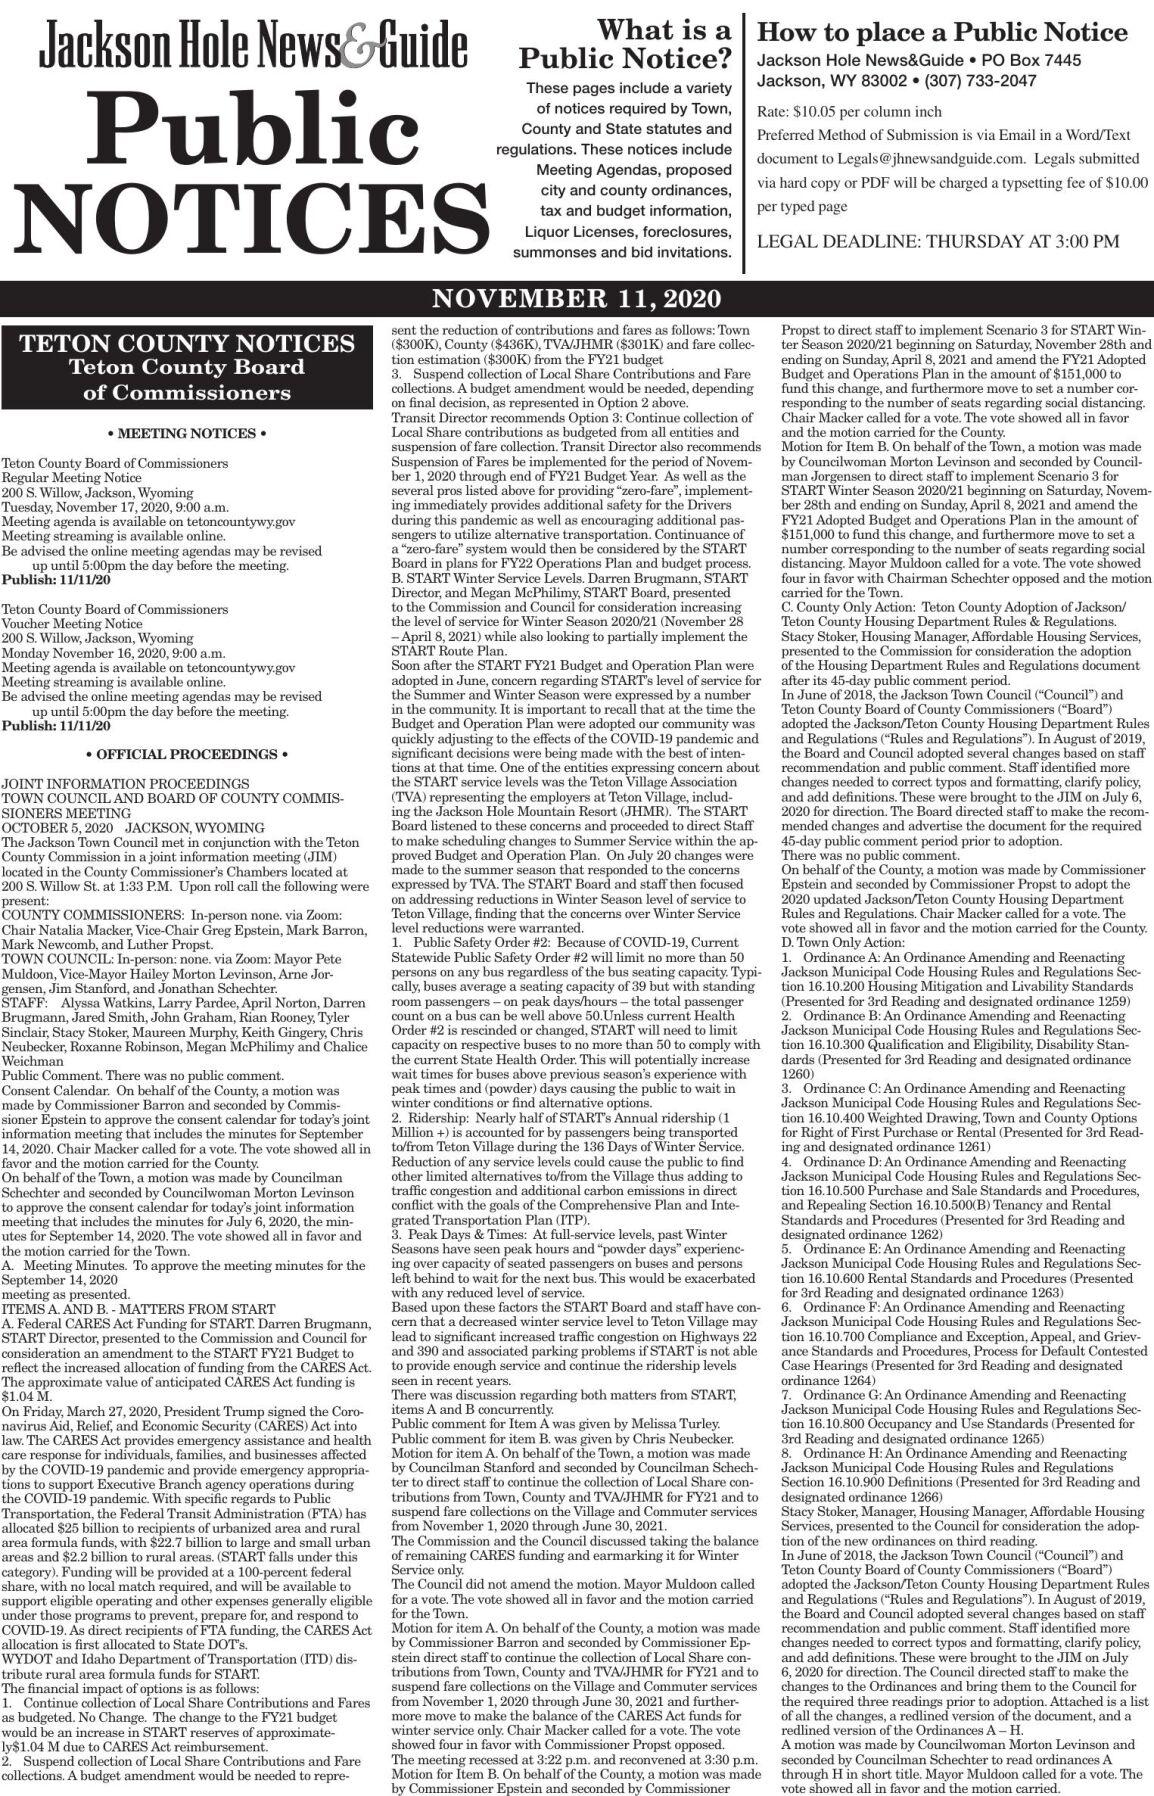 Public Notices, Nov. 11, 2020